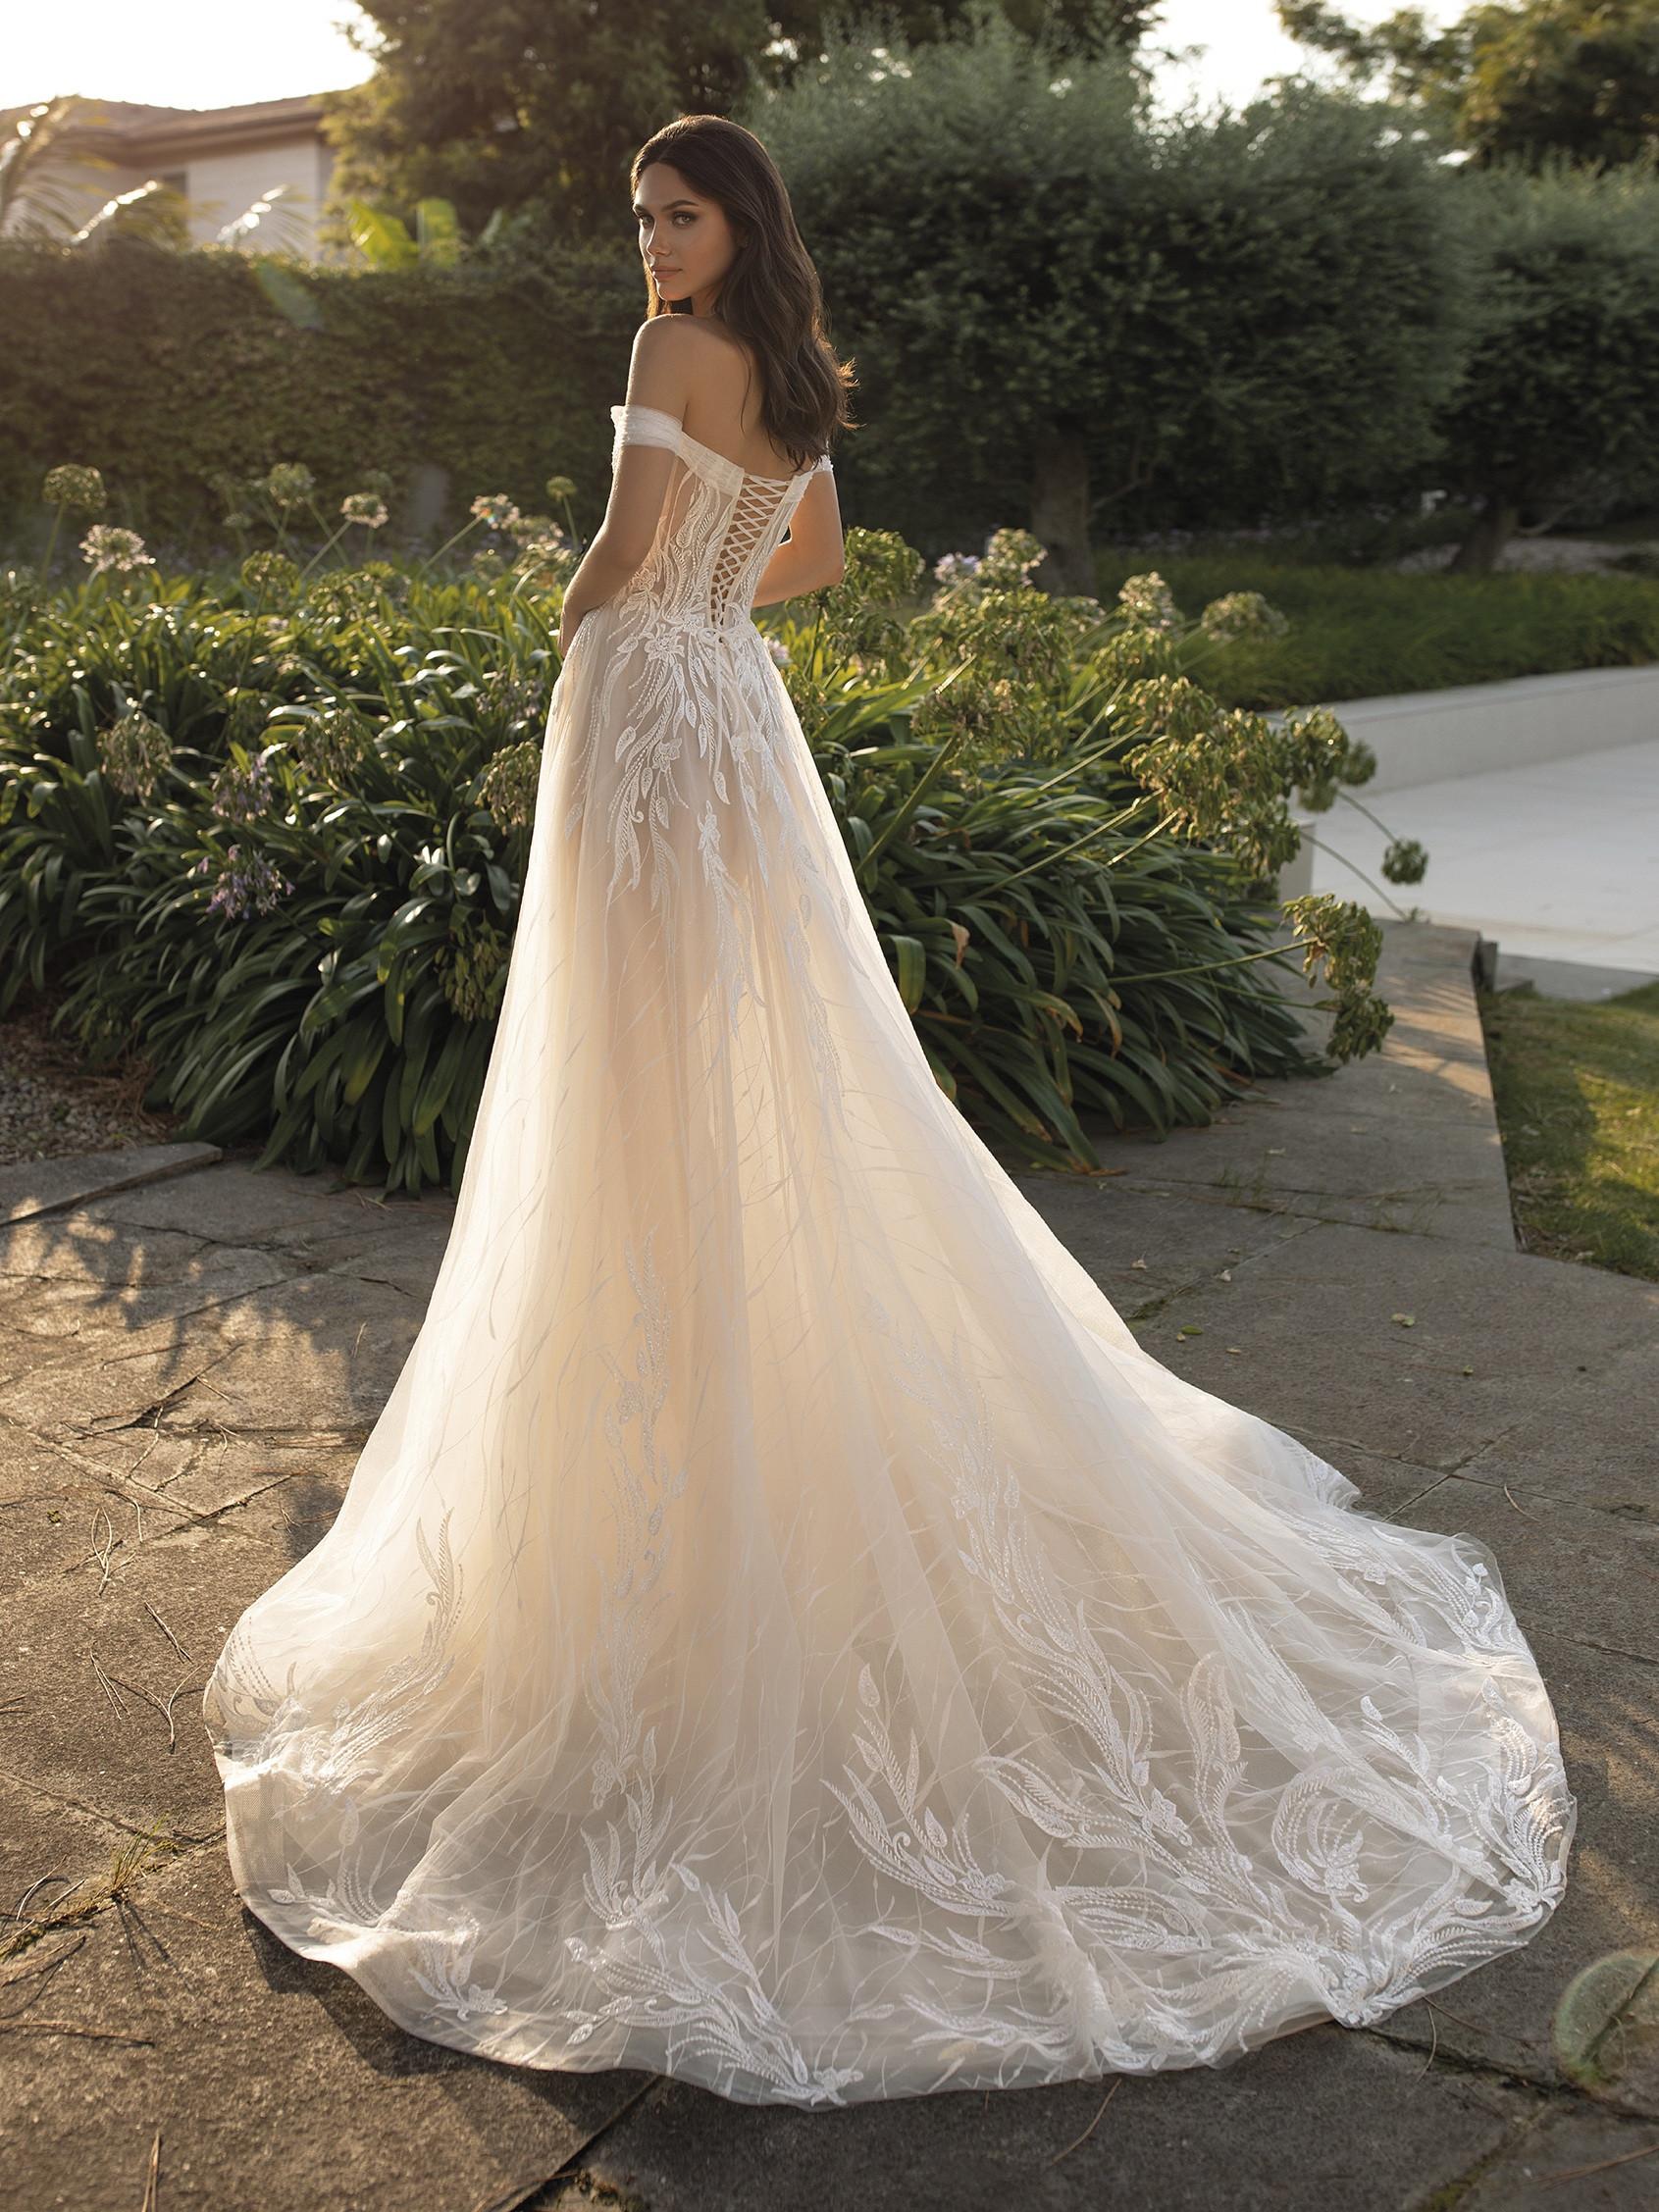 Cloe esküvői ruha - Pronovias 2021